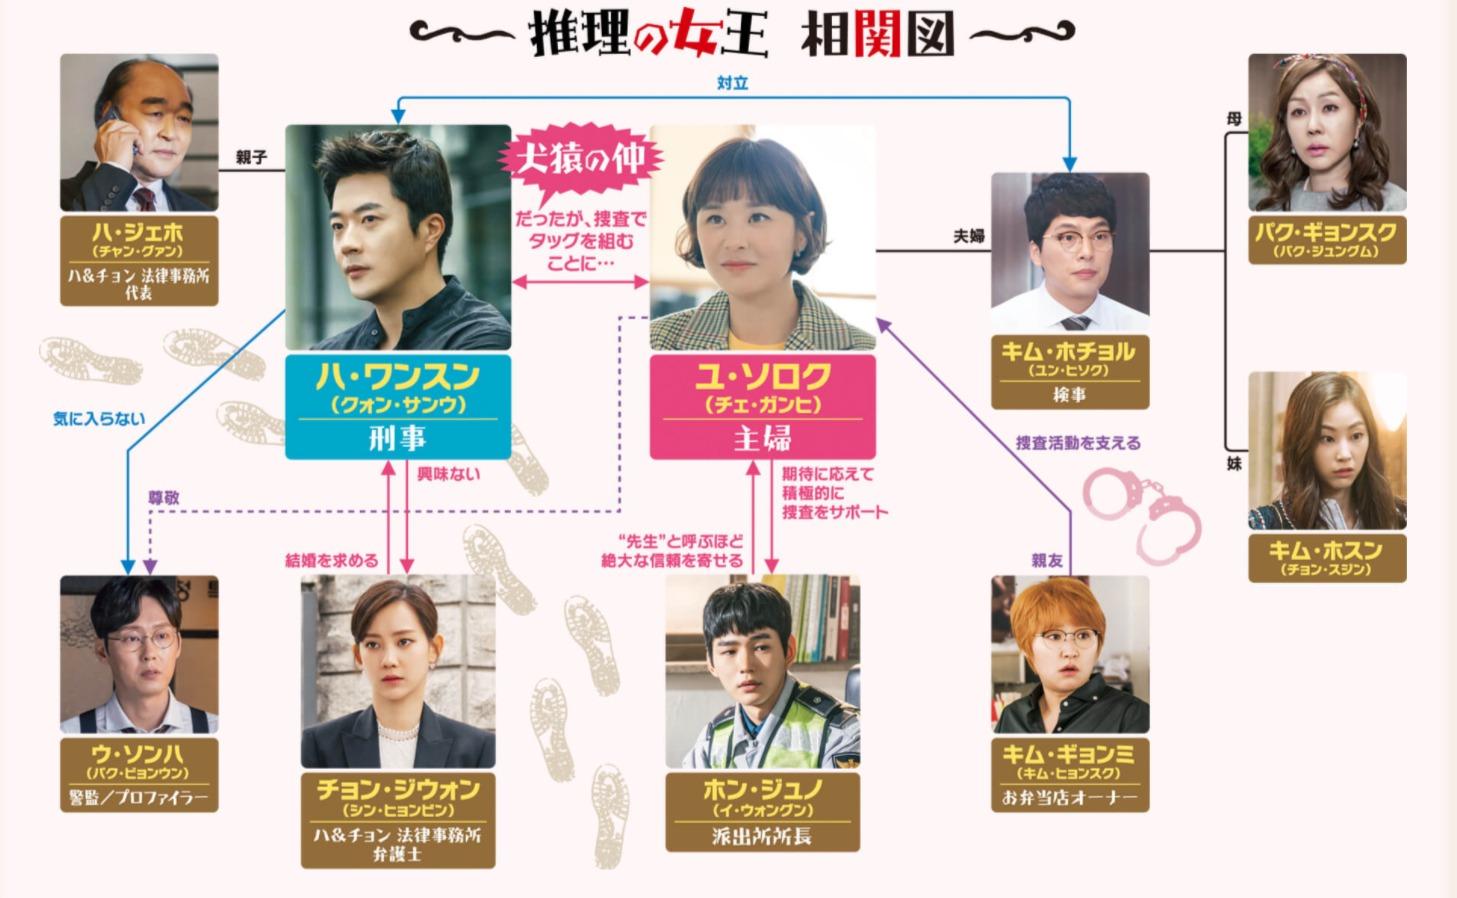 韓国ドラマ『推理の女王』登場人物相関図(関係図)